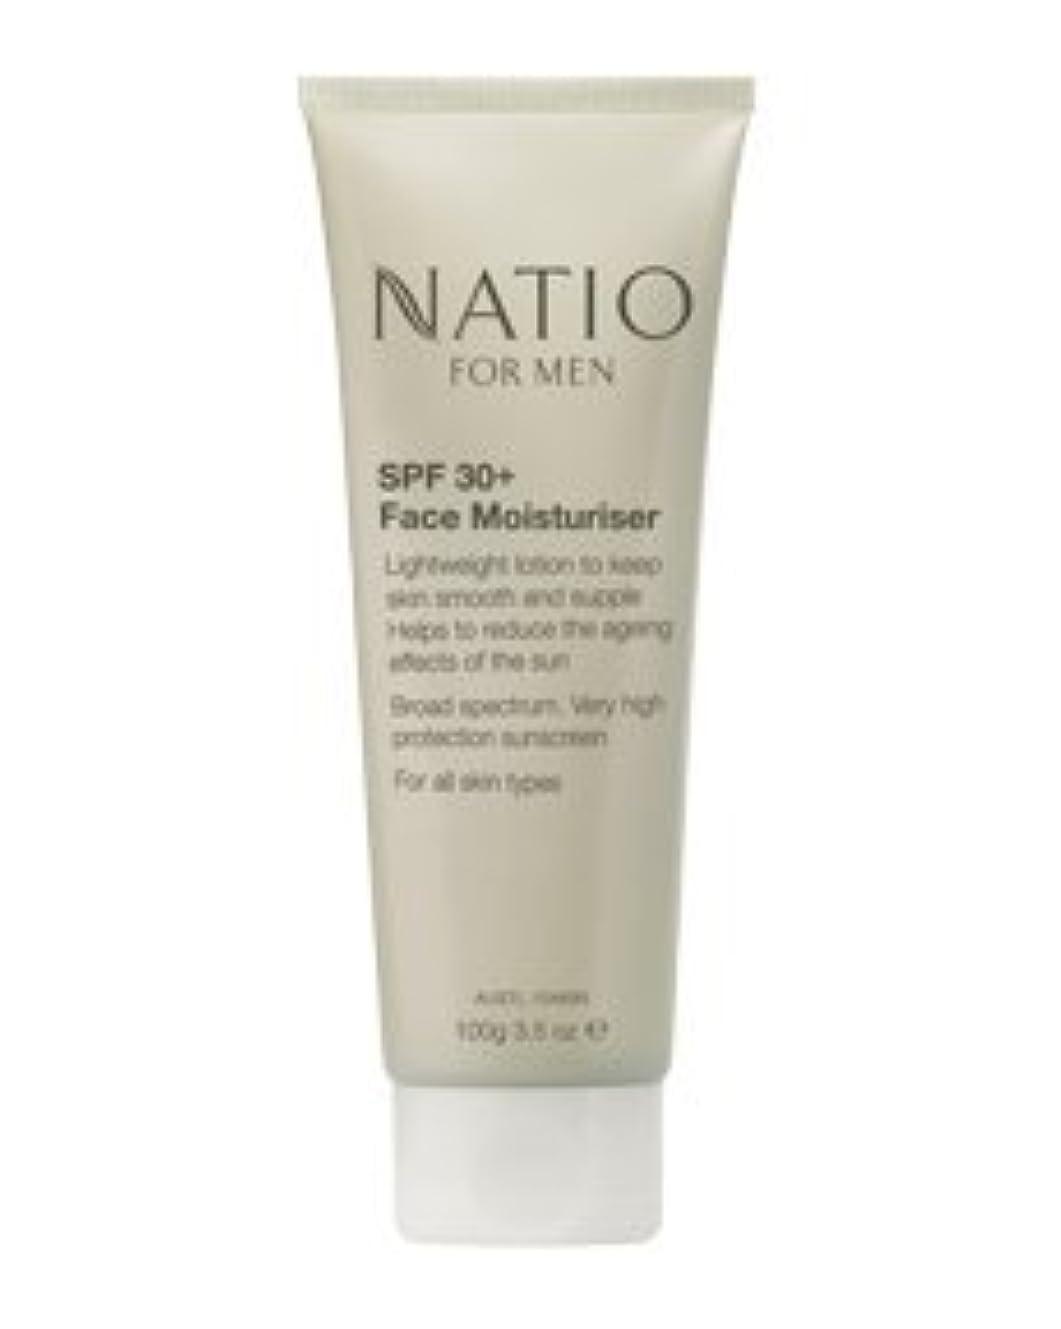 提唱する適応銛【NATIO FOR MEN SPF 30+ Face Moisturiser】 ナティオ  SPF 30+ フェイス モイスチャライザー [海外直送品]